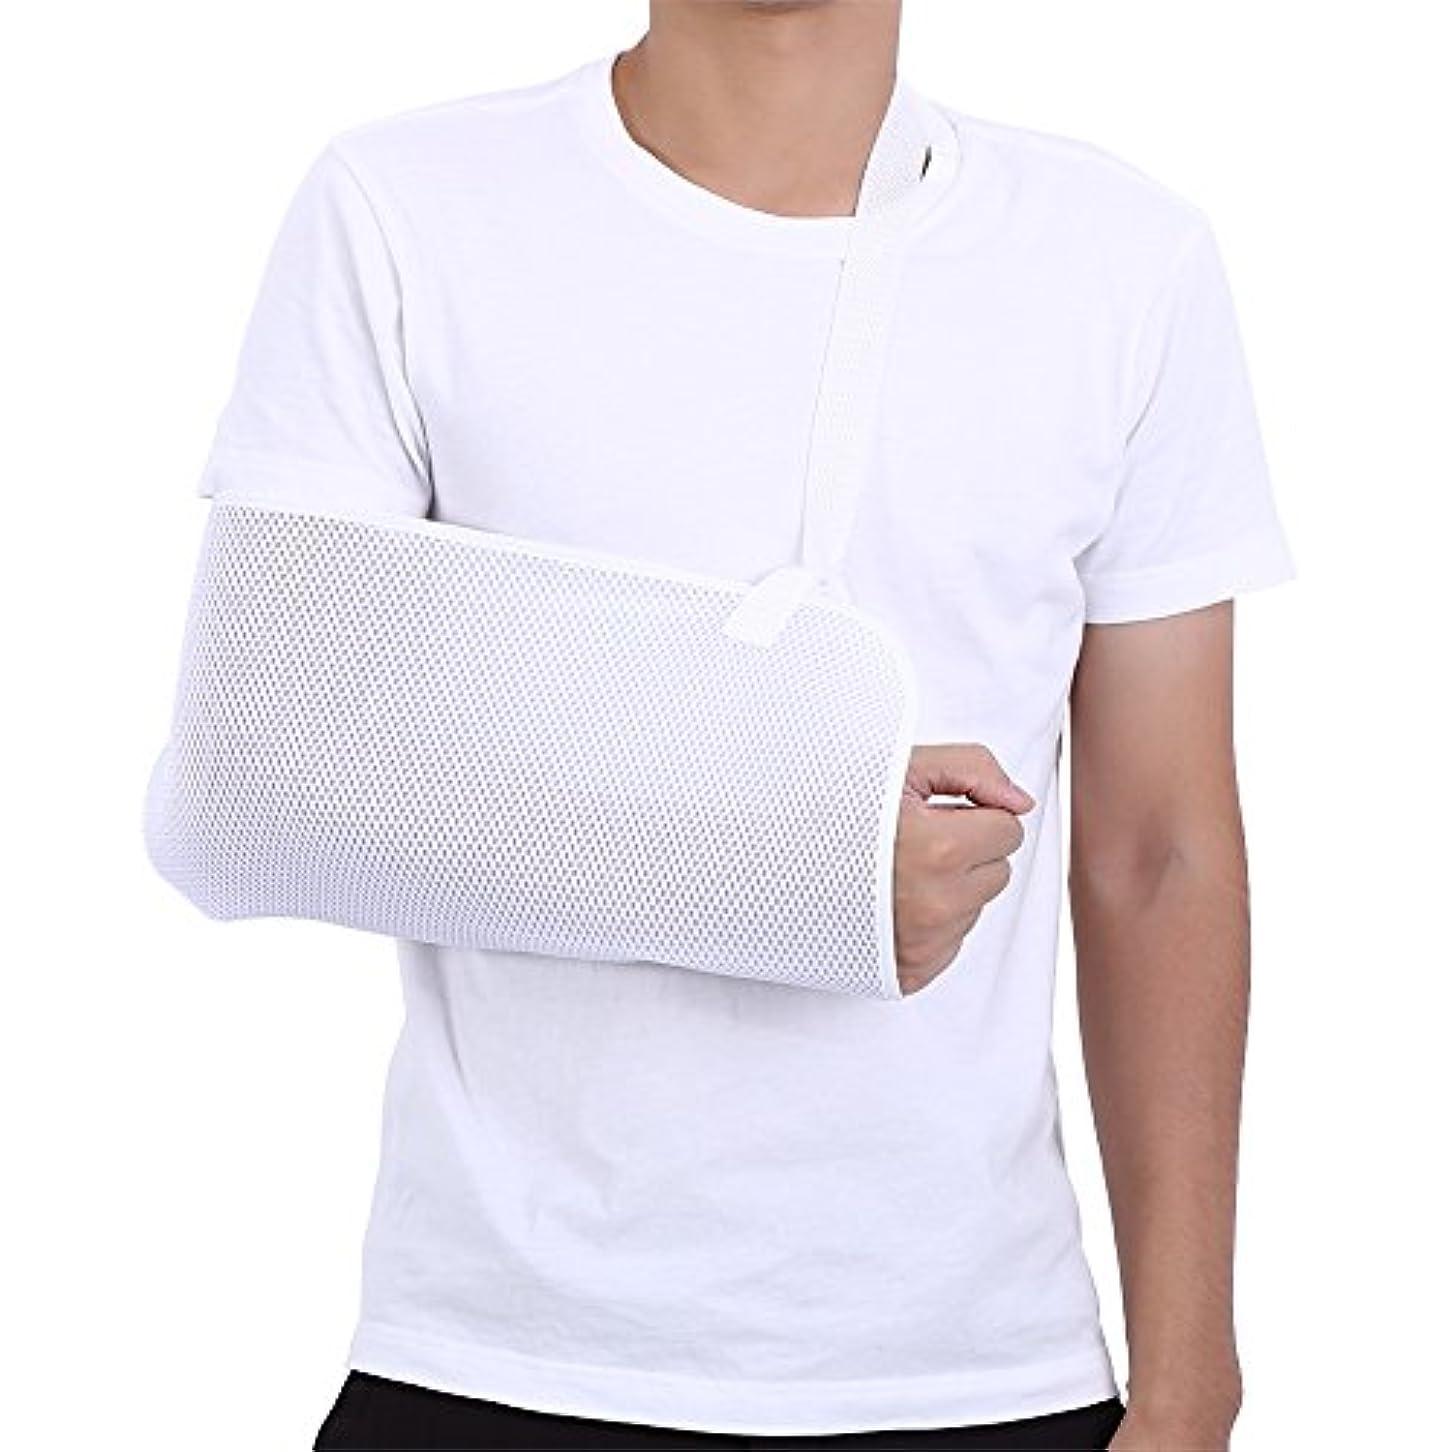 アームリーダー 腕つり用サポーター ネオプレン☆安定感 メッシュ 通気性良い アームホルダー 腕の骨折?脱臼時のギプス固定に 調節可